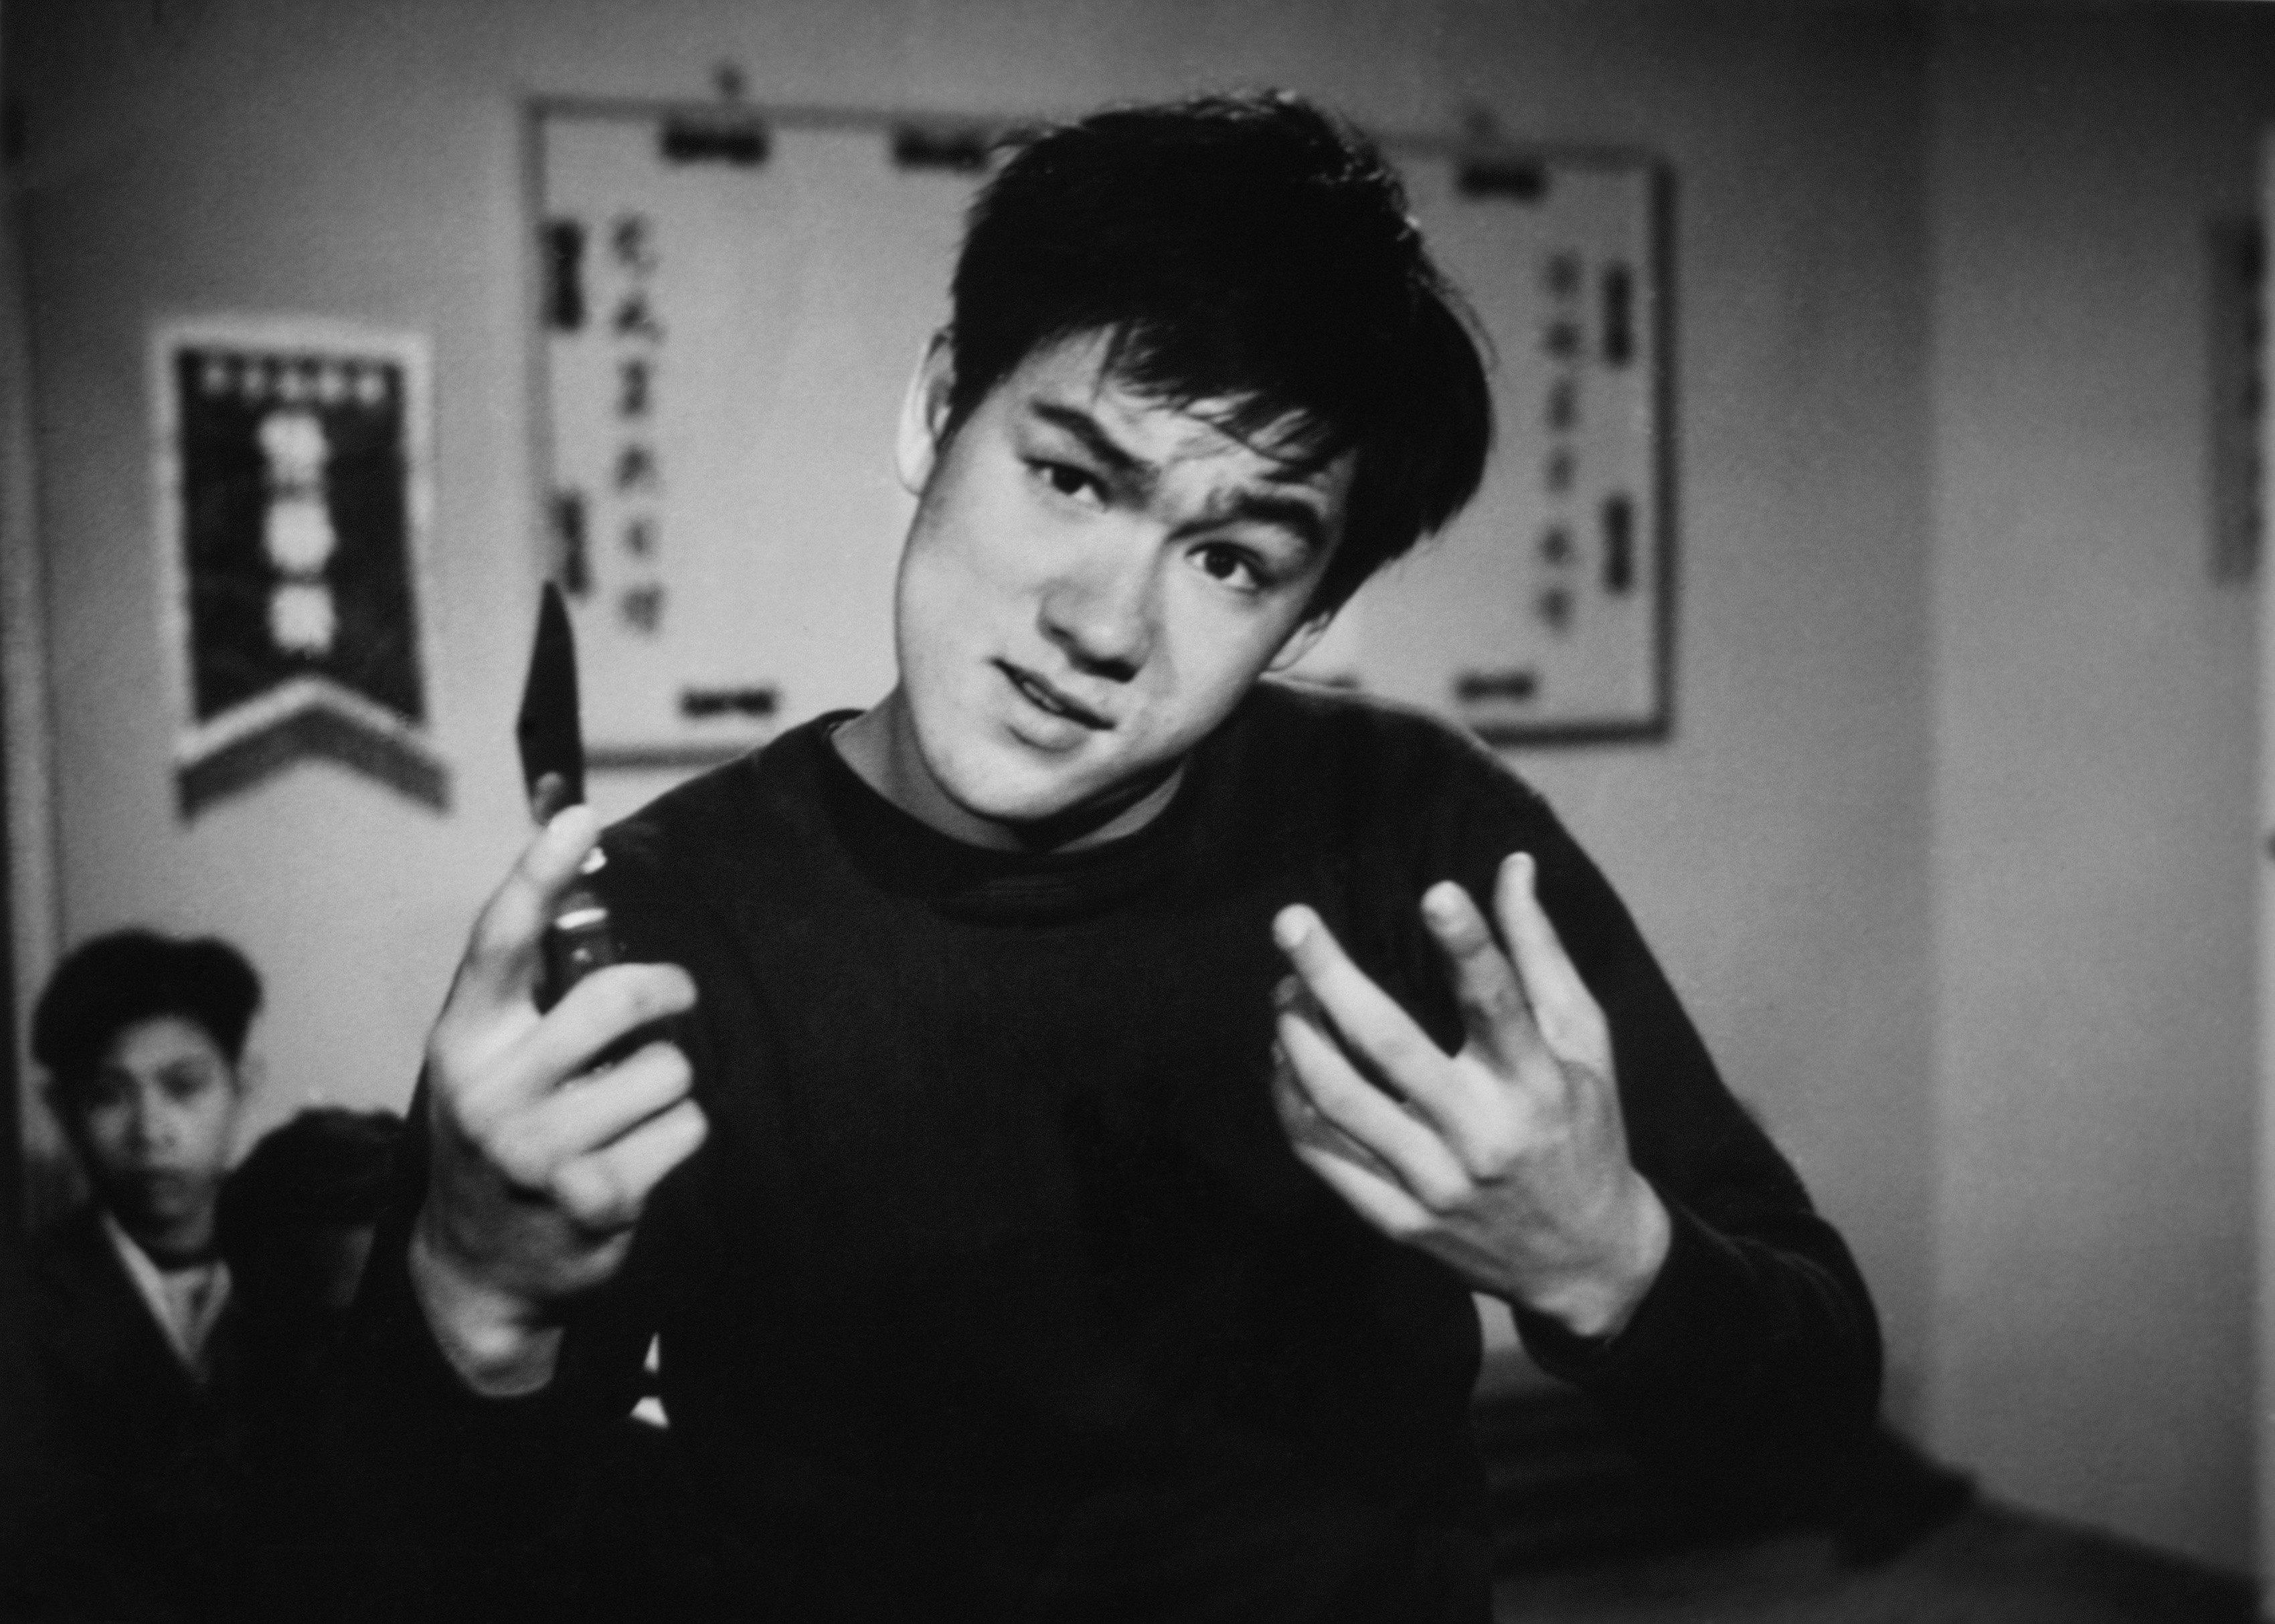 Одна изранних телевизионных ролей Брюса Ли, где он играет